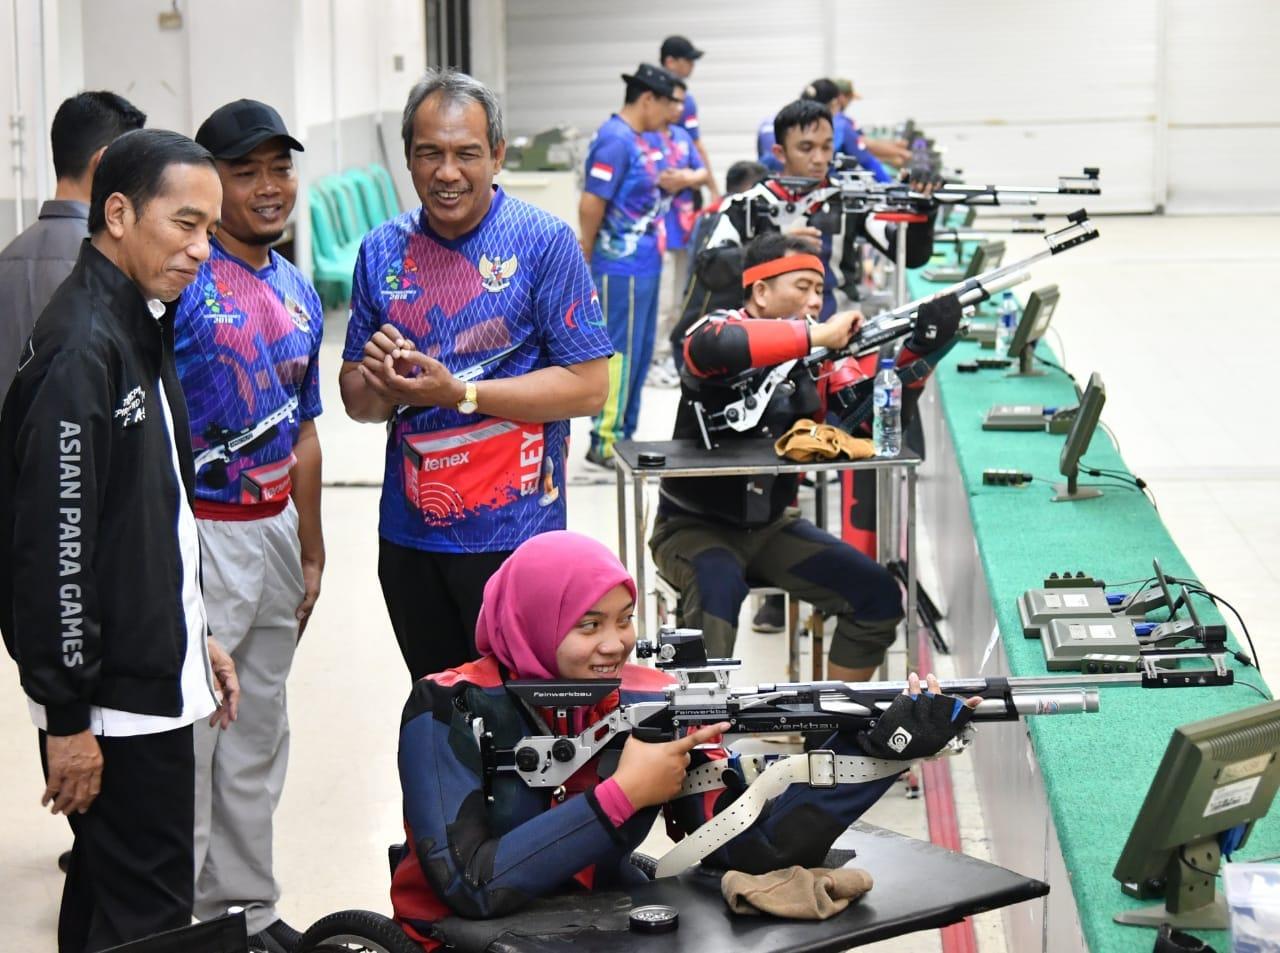 presiden-tinjau-kesiapan-atlet-indonesia-untuk-asian-para-games-2018-26